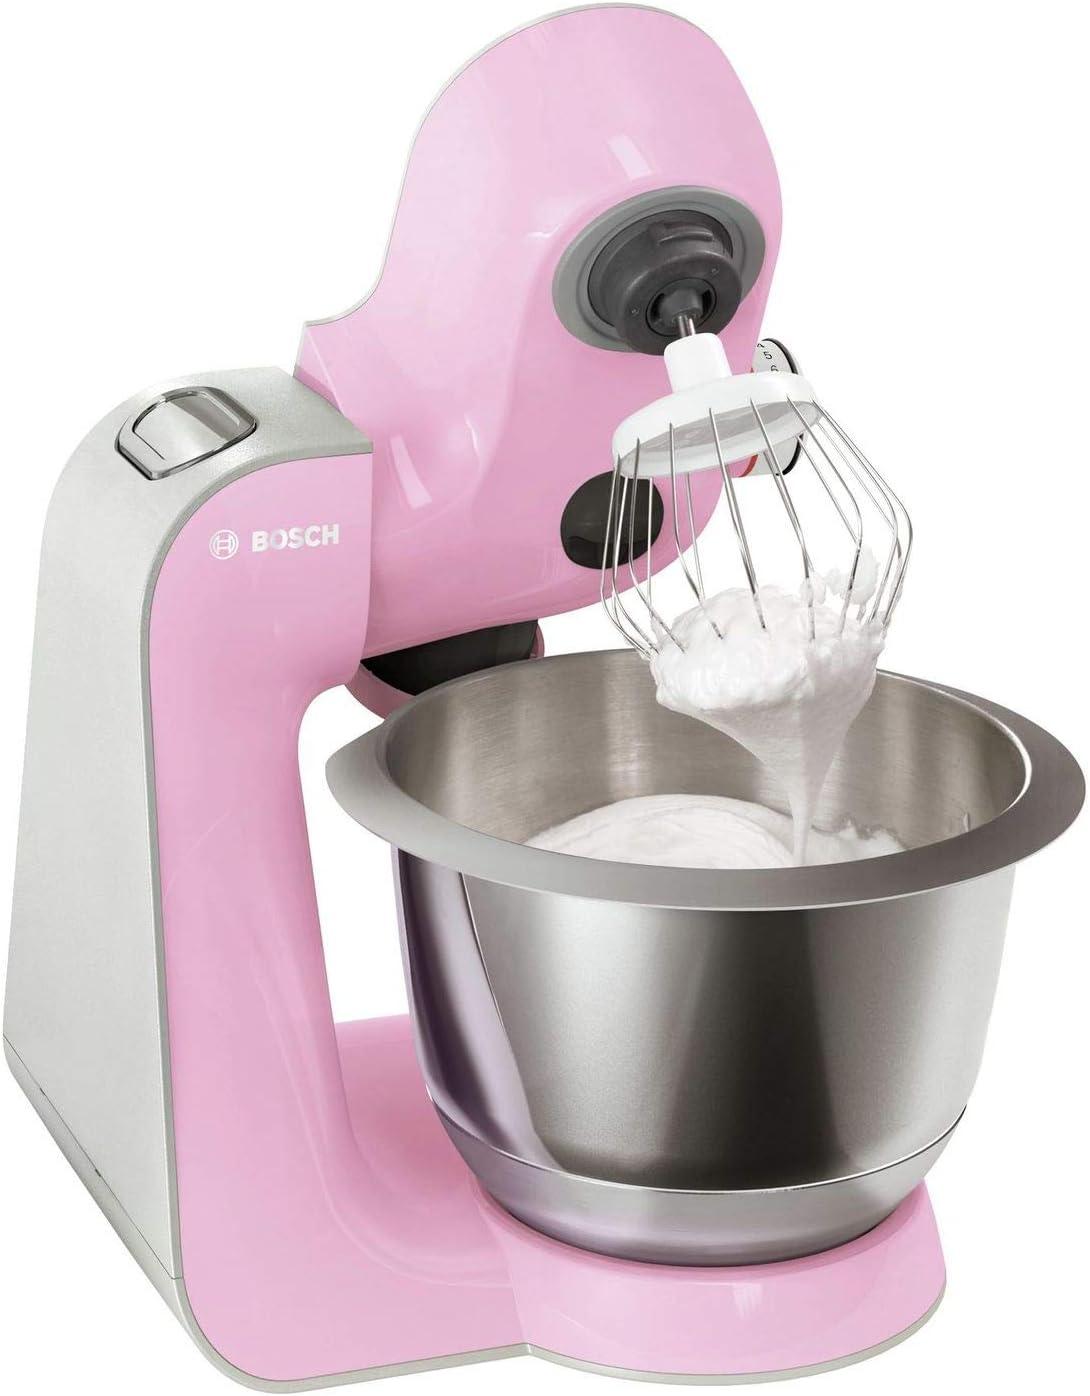 Bosch CreationLine MUM58K20 color rosa y plateado recipiente de 3.9 litros 1000 W Robot de cocina